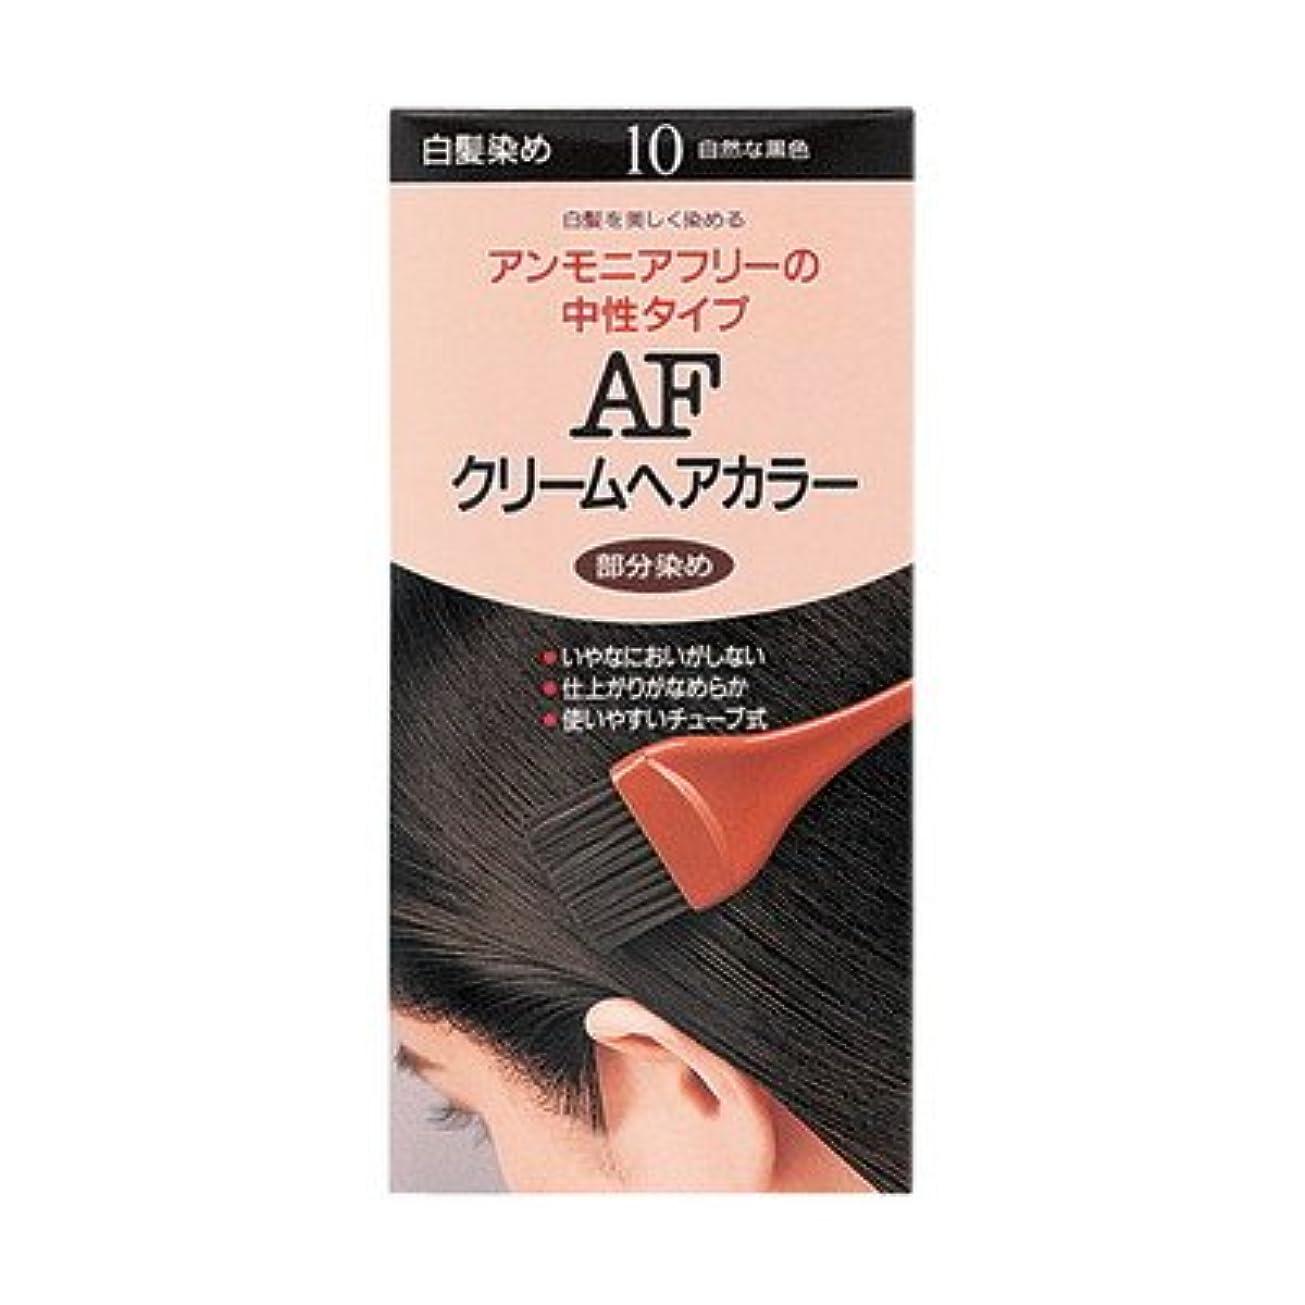 対処するグリップ連帯資生堂 ヘアカラー AFクリームヘアカラー 10 自然な黒色【2個セット】